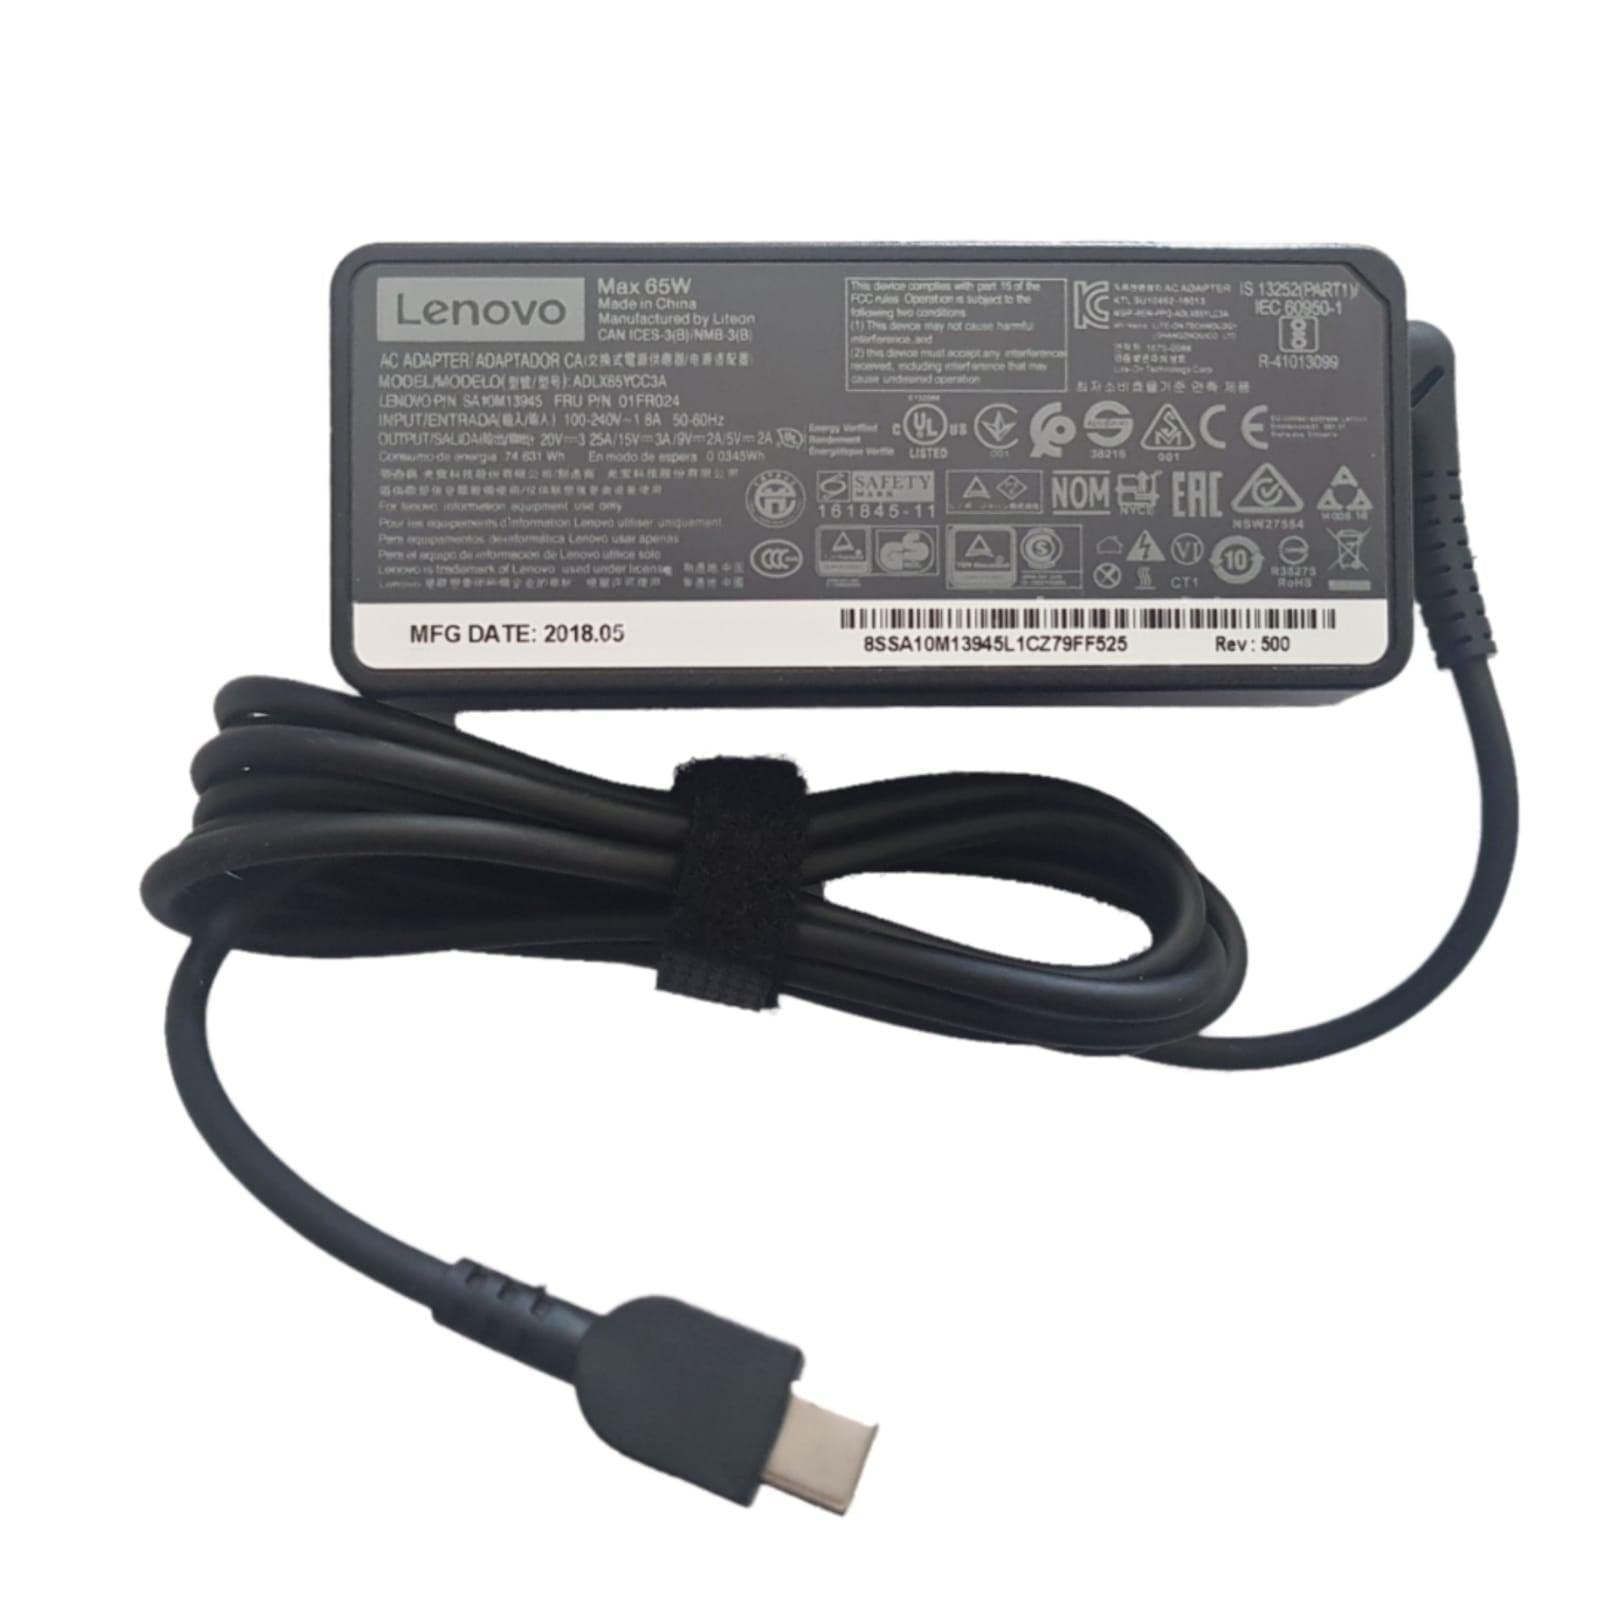 מטען מקורי למחשב נייד לנובו Lenovo ThinkPad E580